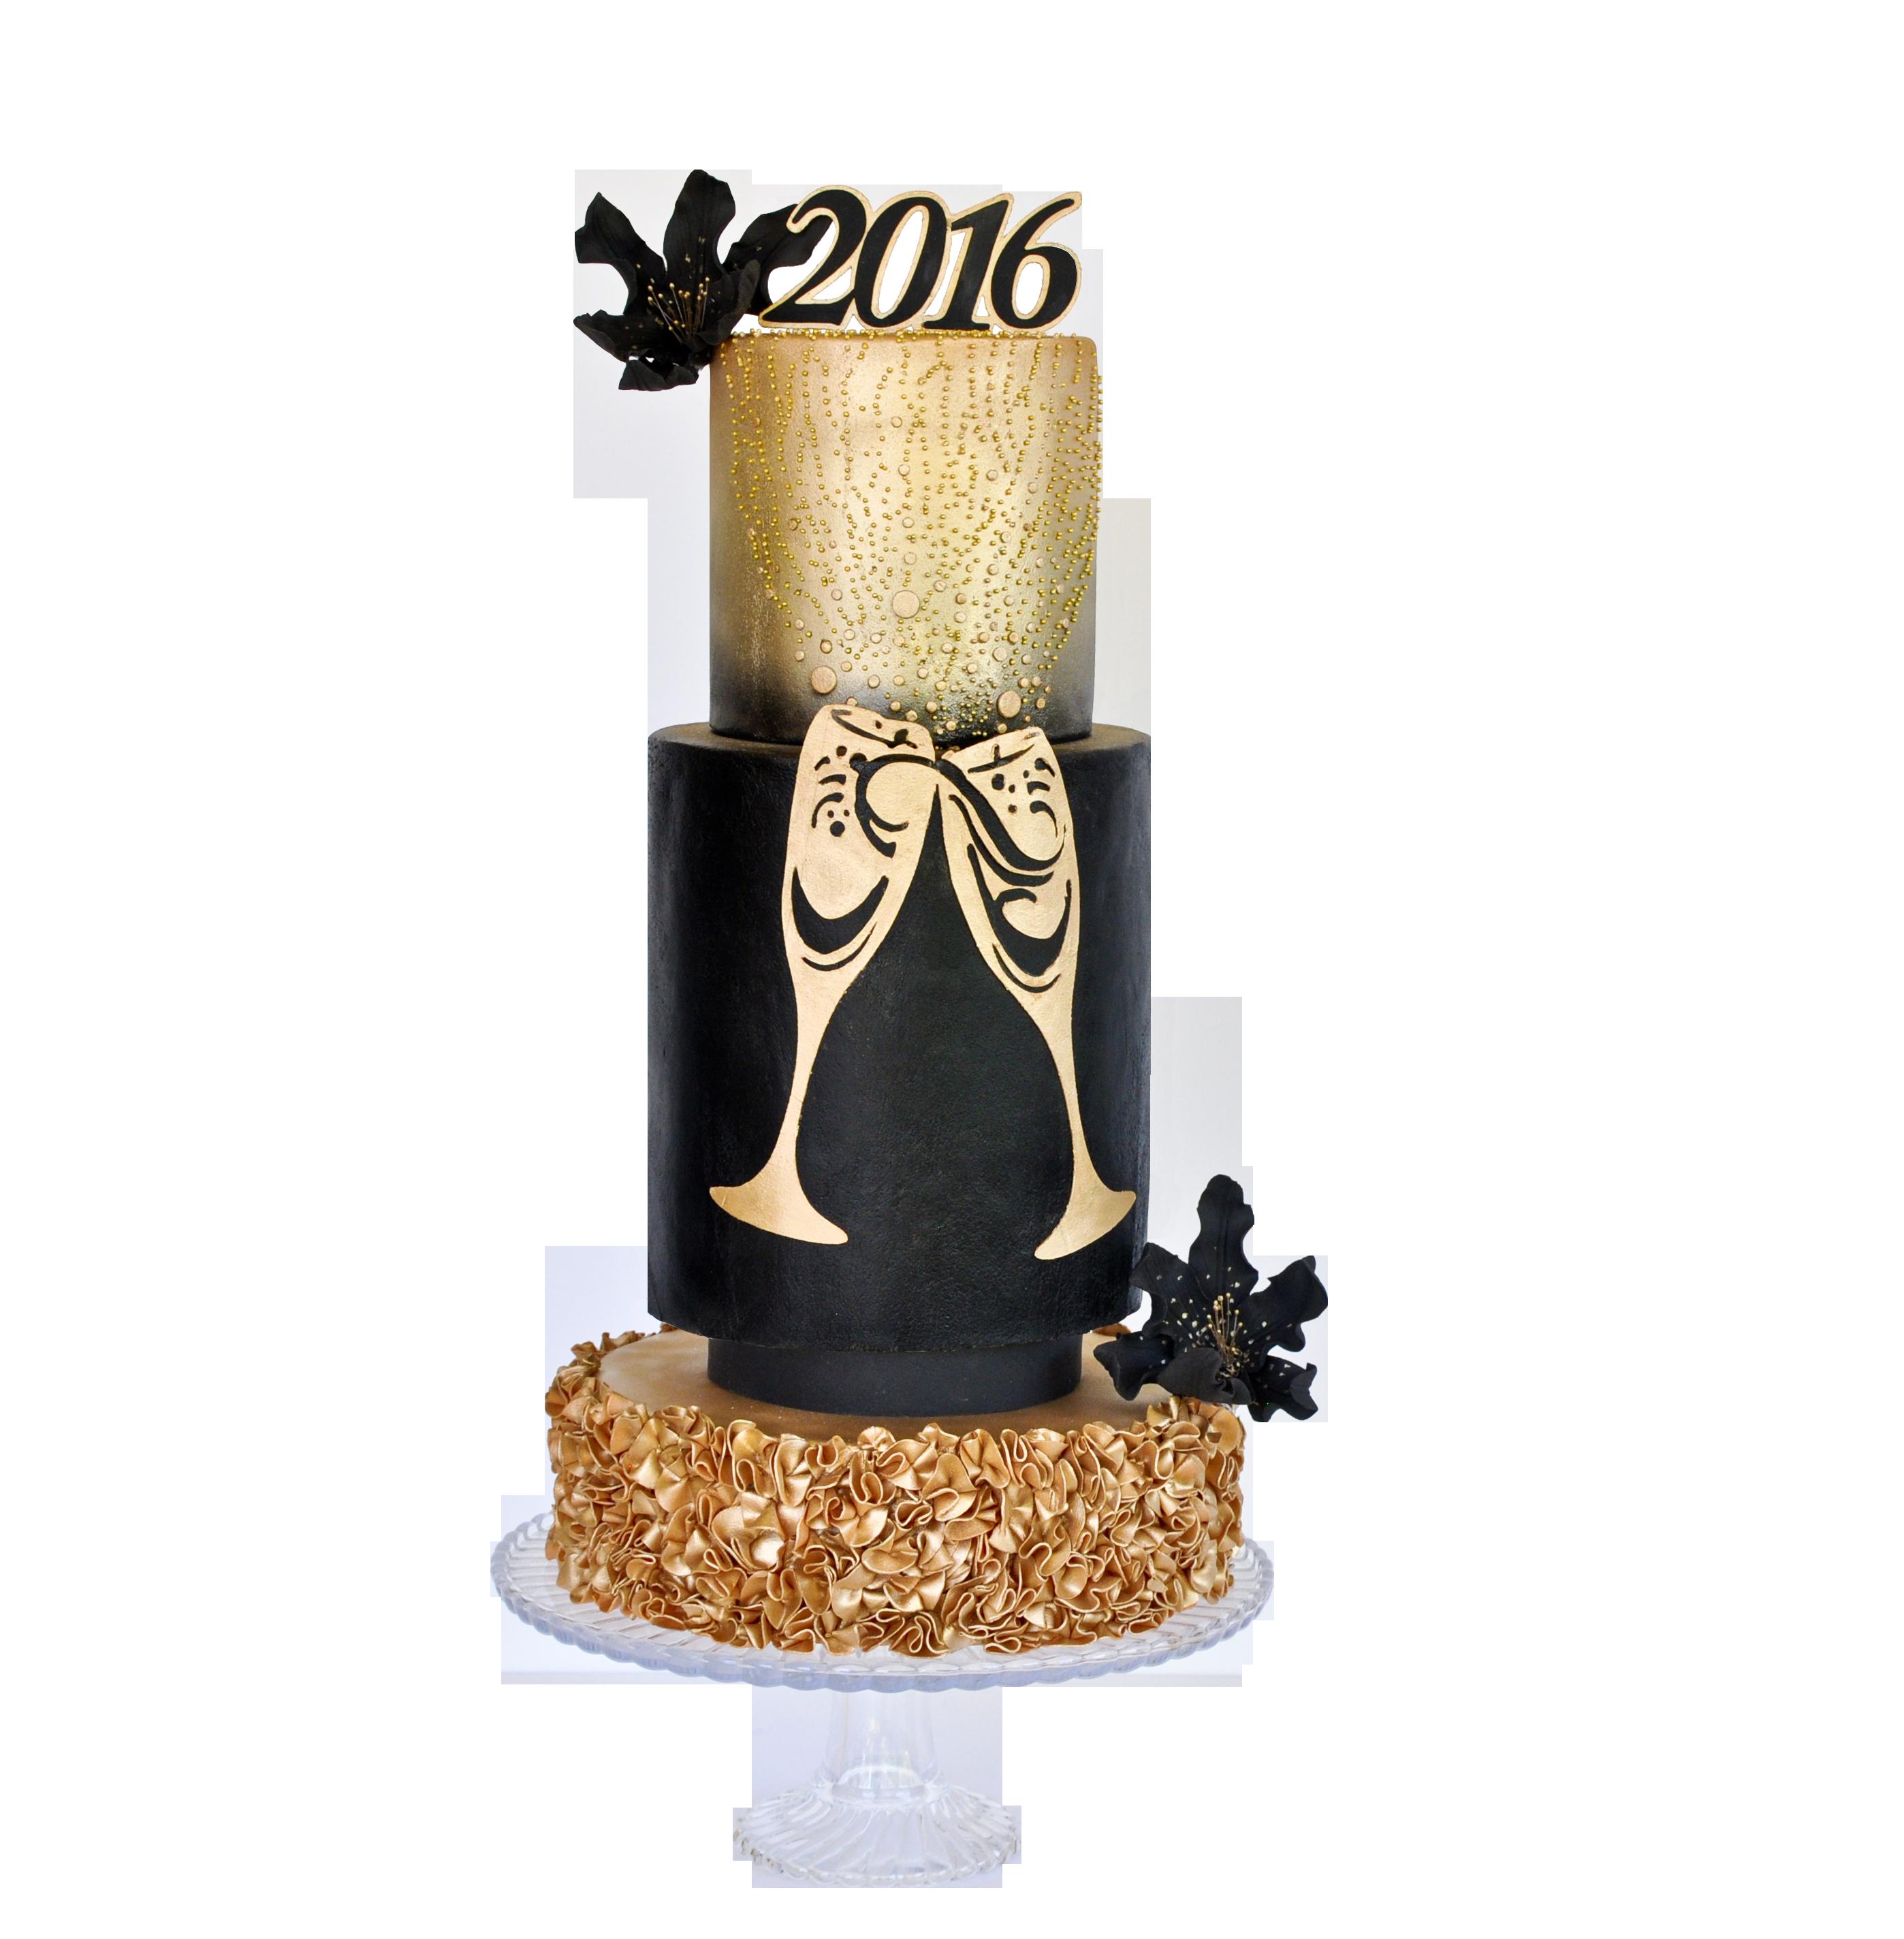 Bubbly New Year Cake Tutorial | Cake Masters Magazine